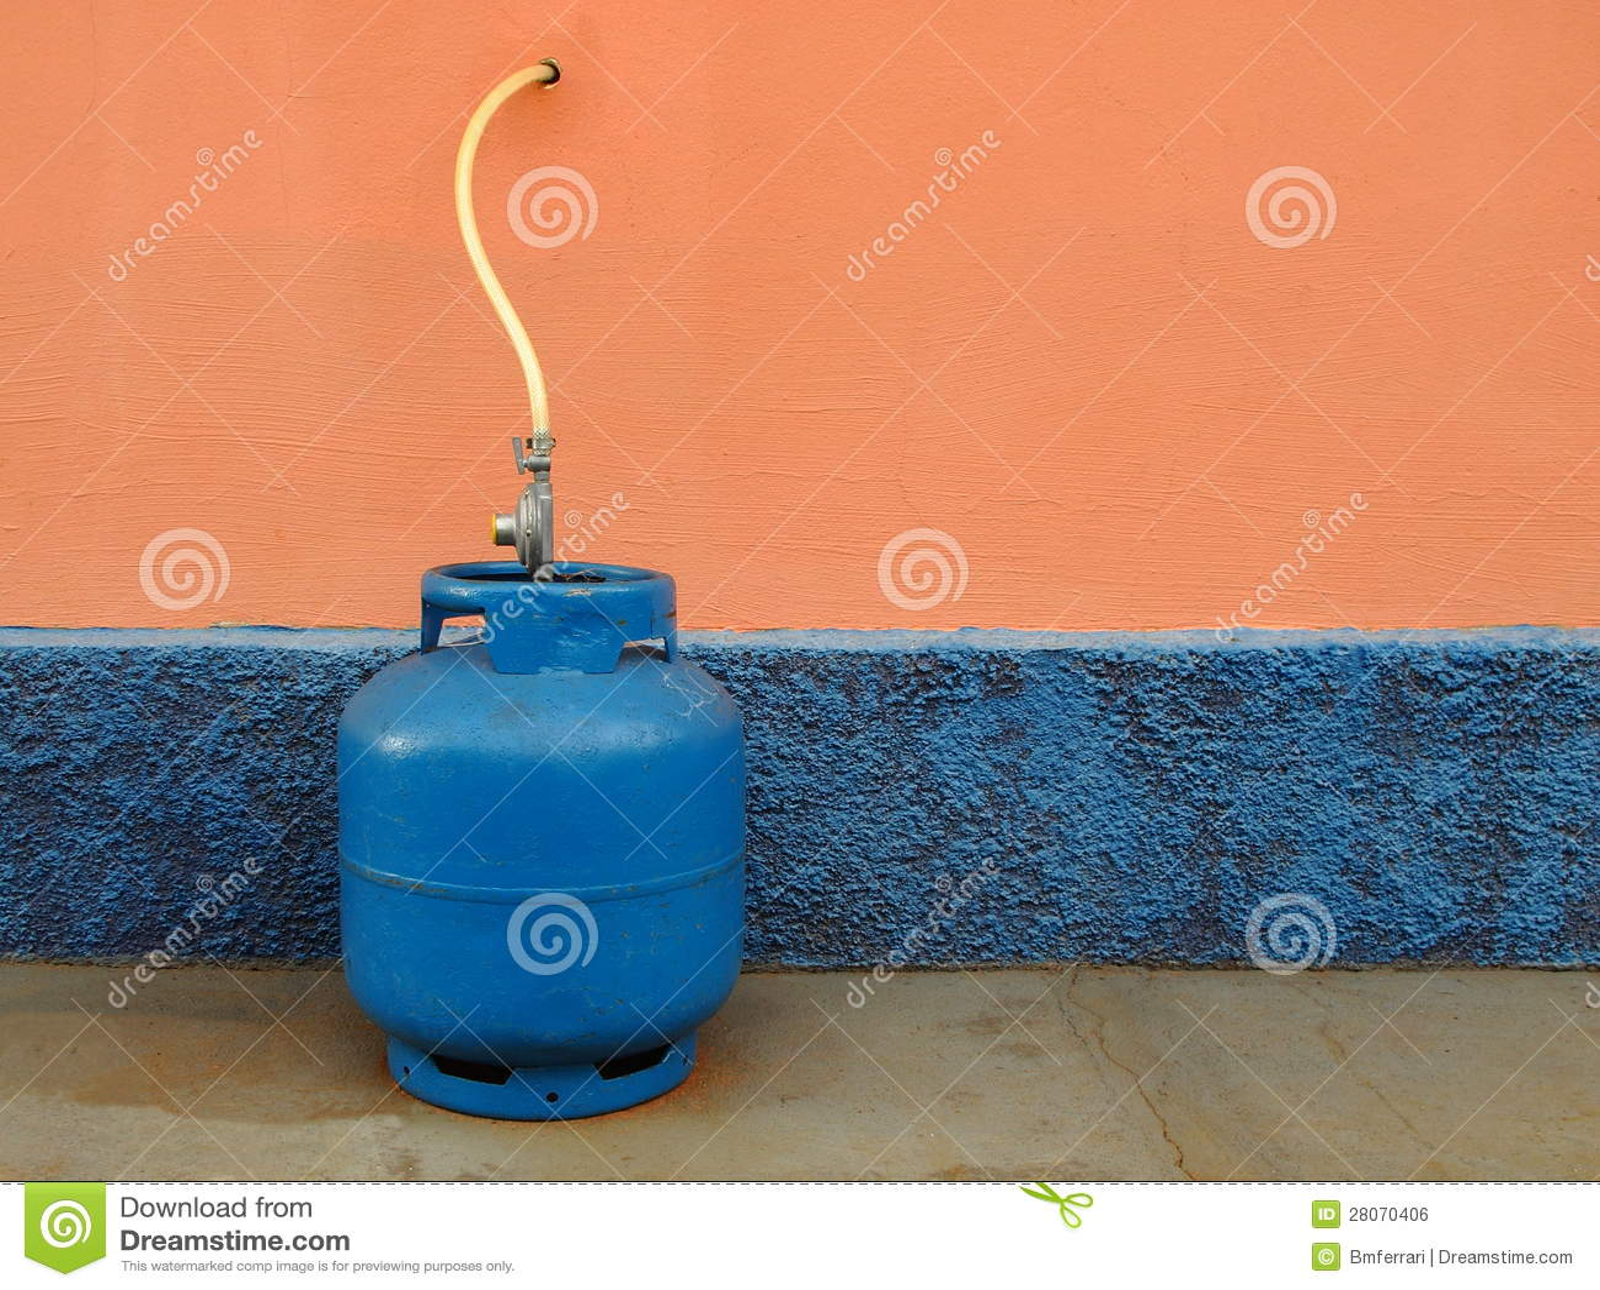 Bombola per gas della cucina immagine stock libera da diritti immagine 28070406 - Bombola gas cucina prezzo ...